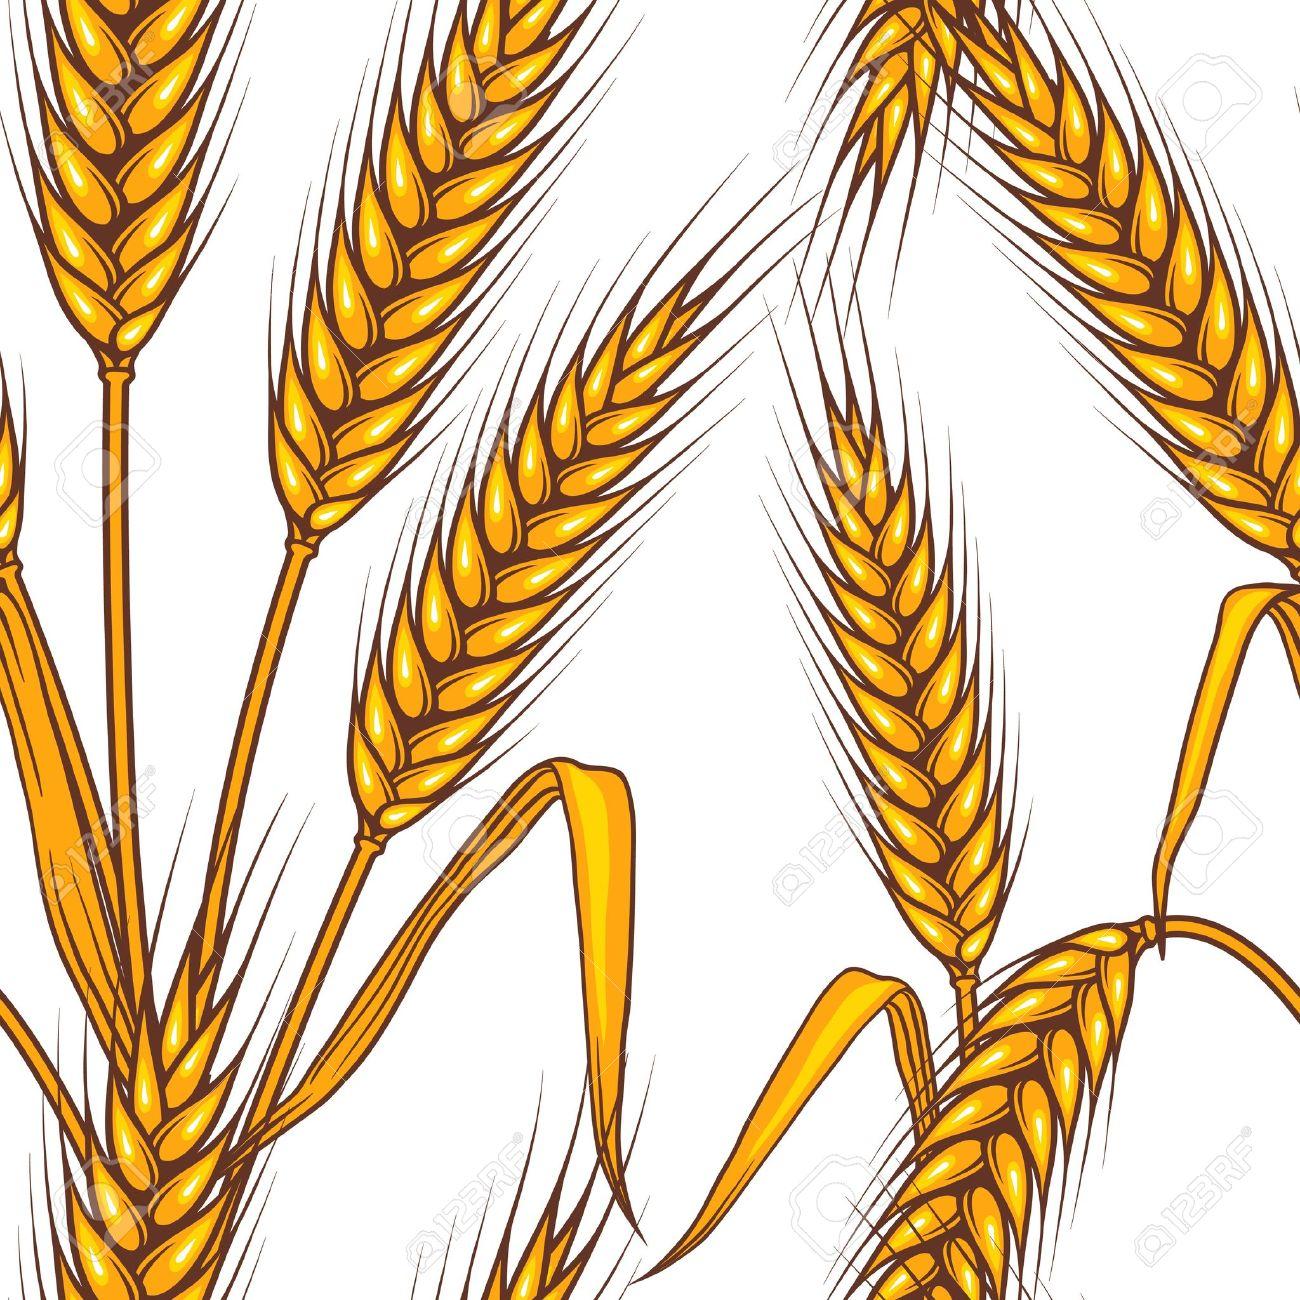 Abstract panda free images. Grain clipart barley